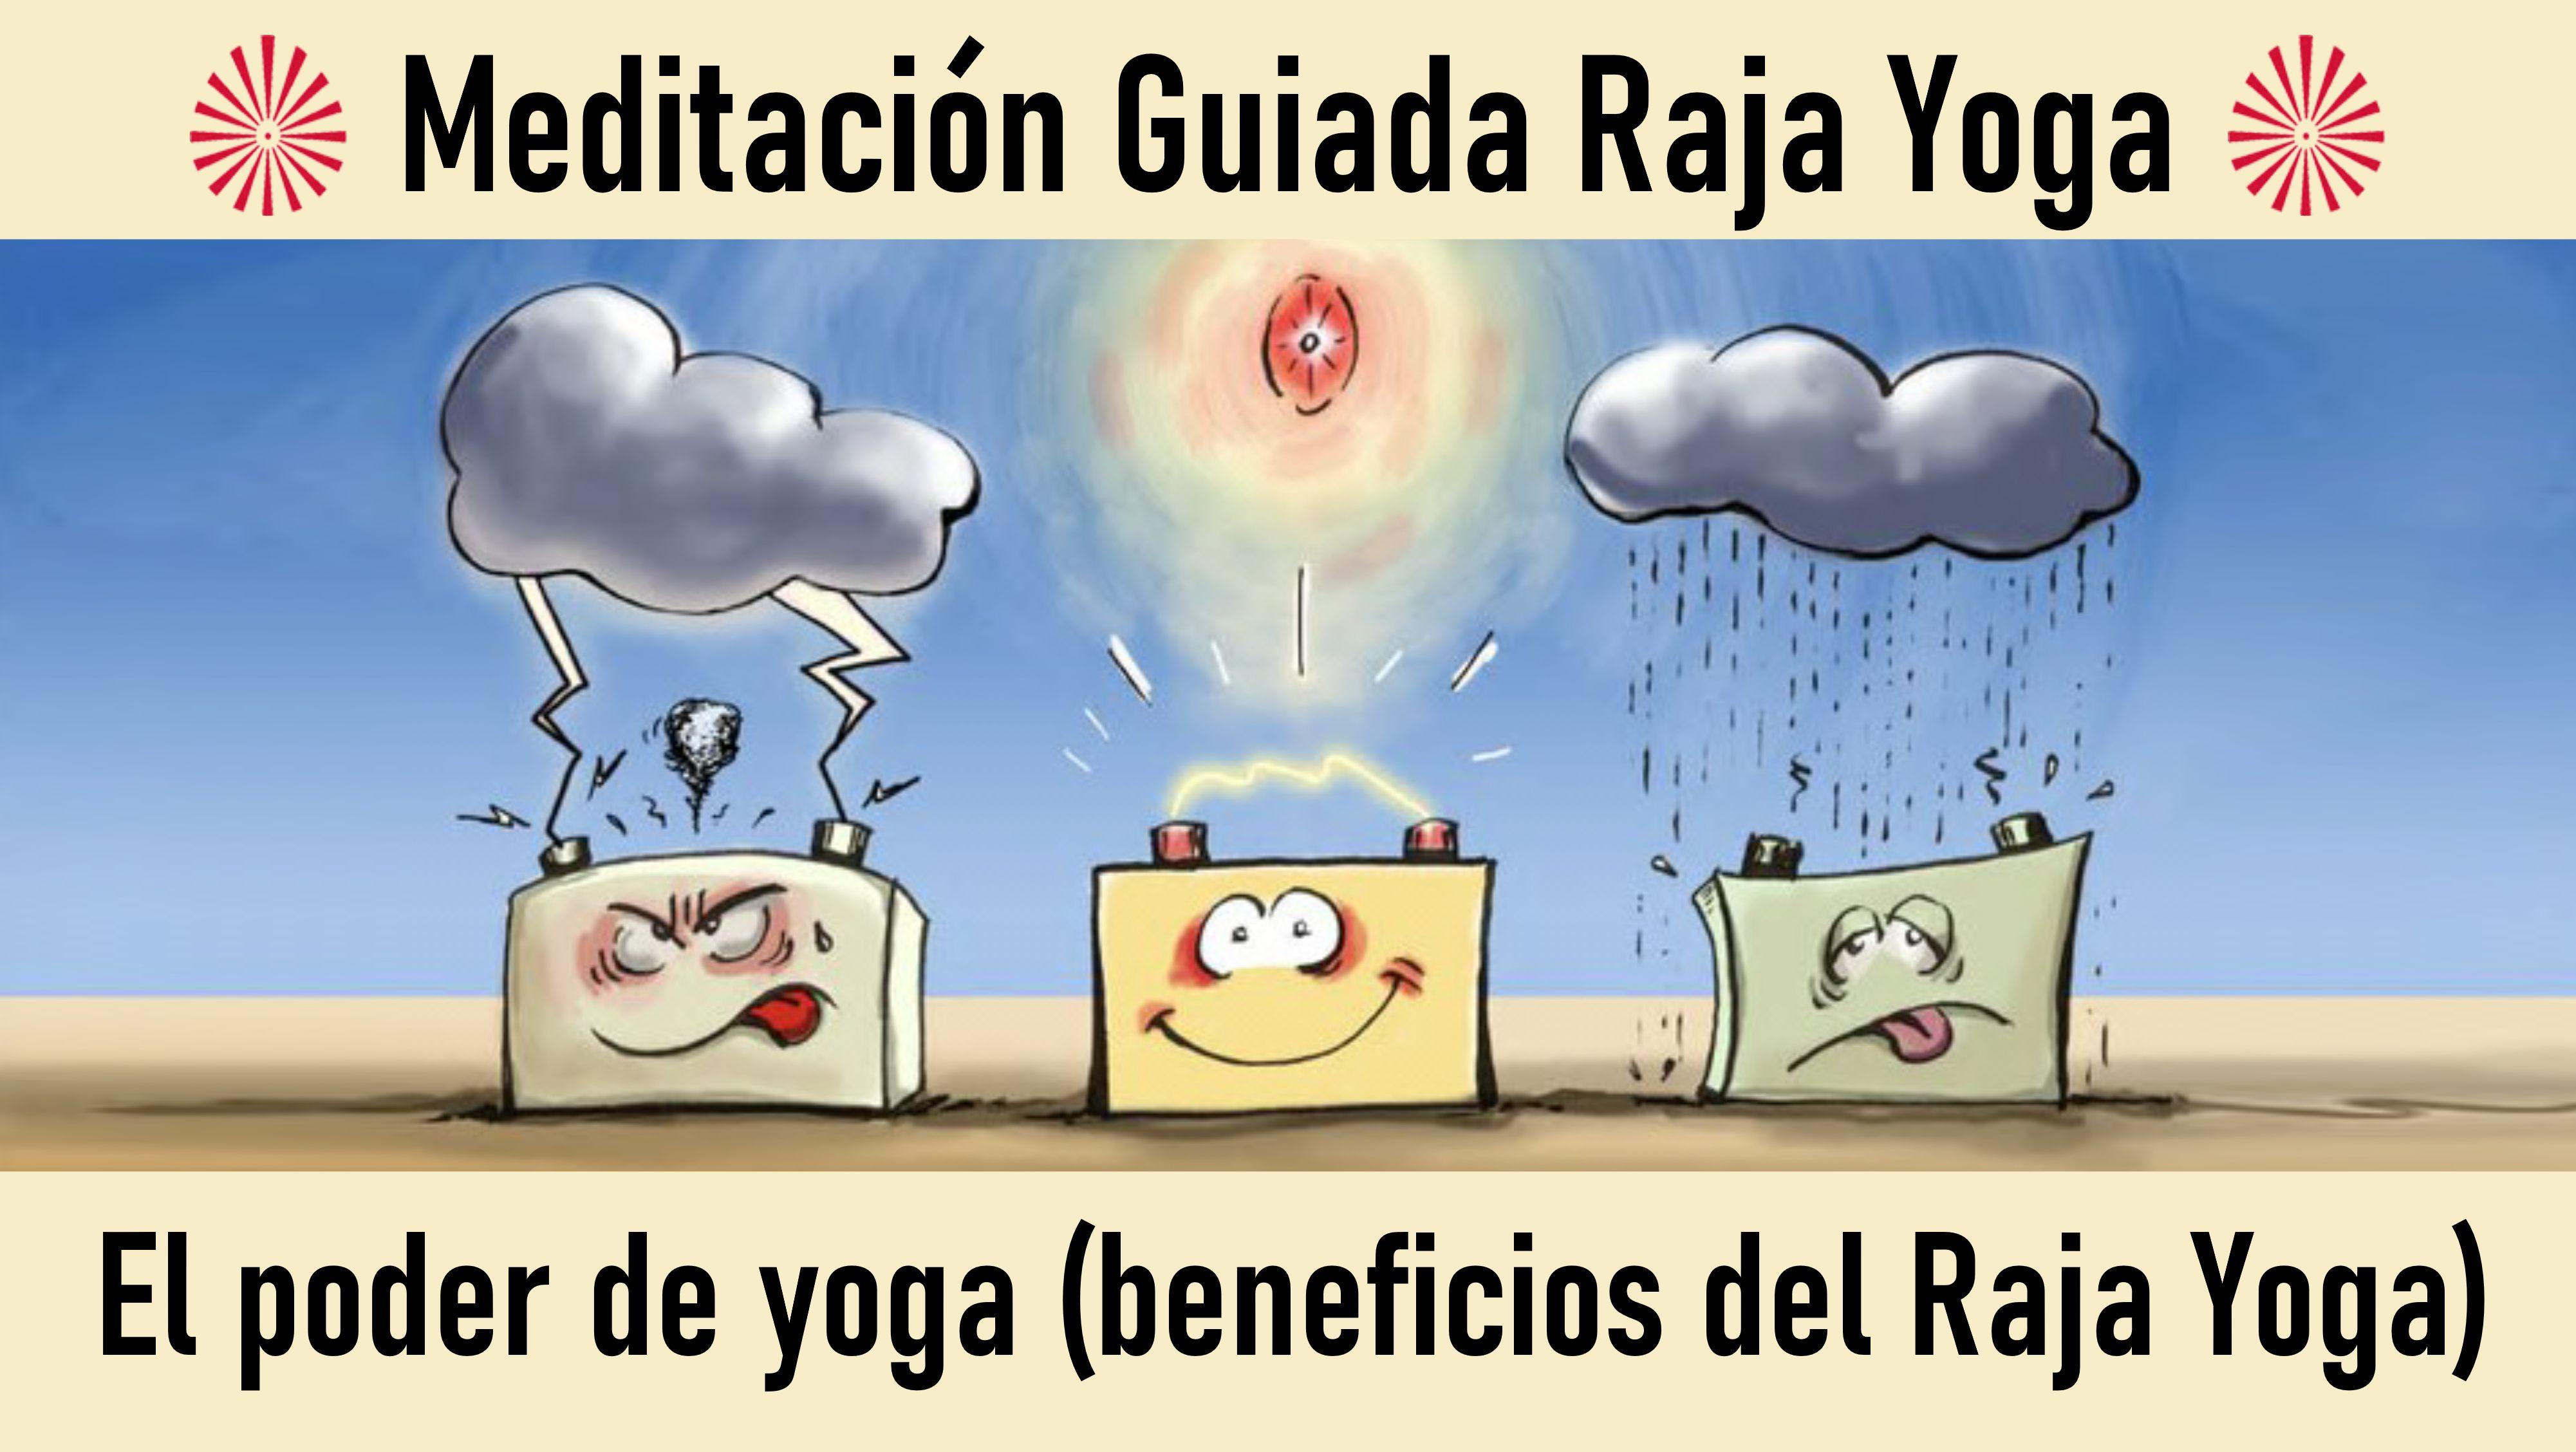 23 Septiembre 2020  Meditación Guiada: El poder de yoga-beneficios del Raja Yoga